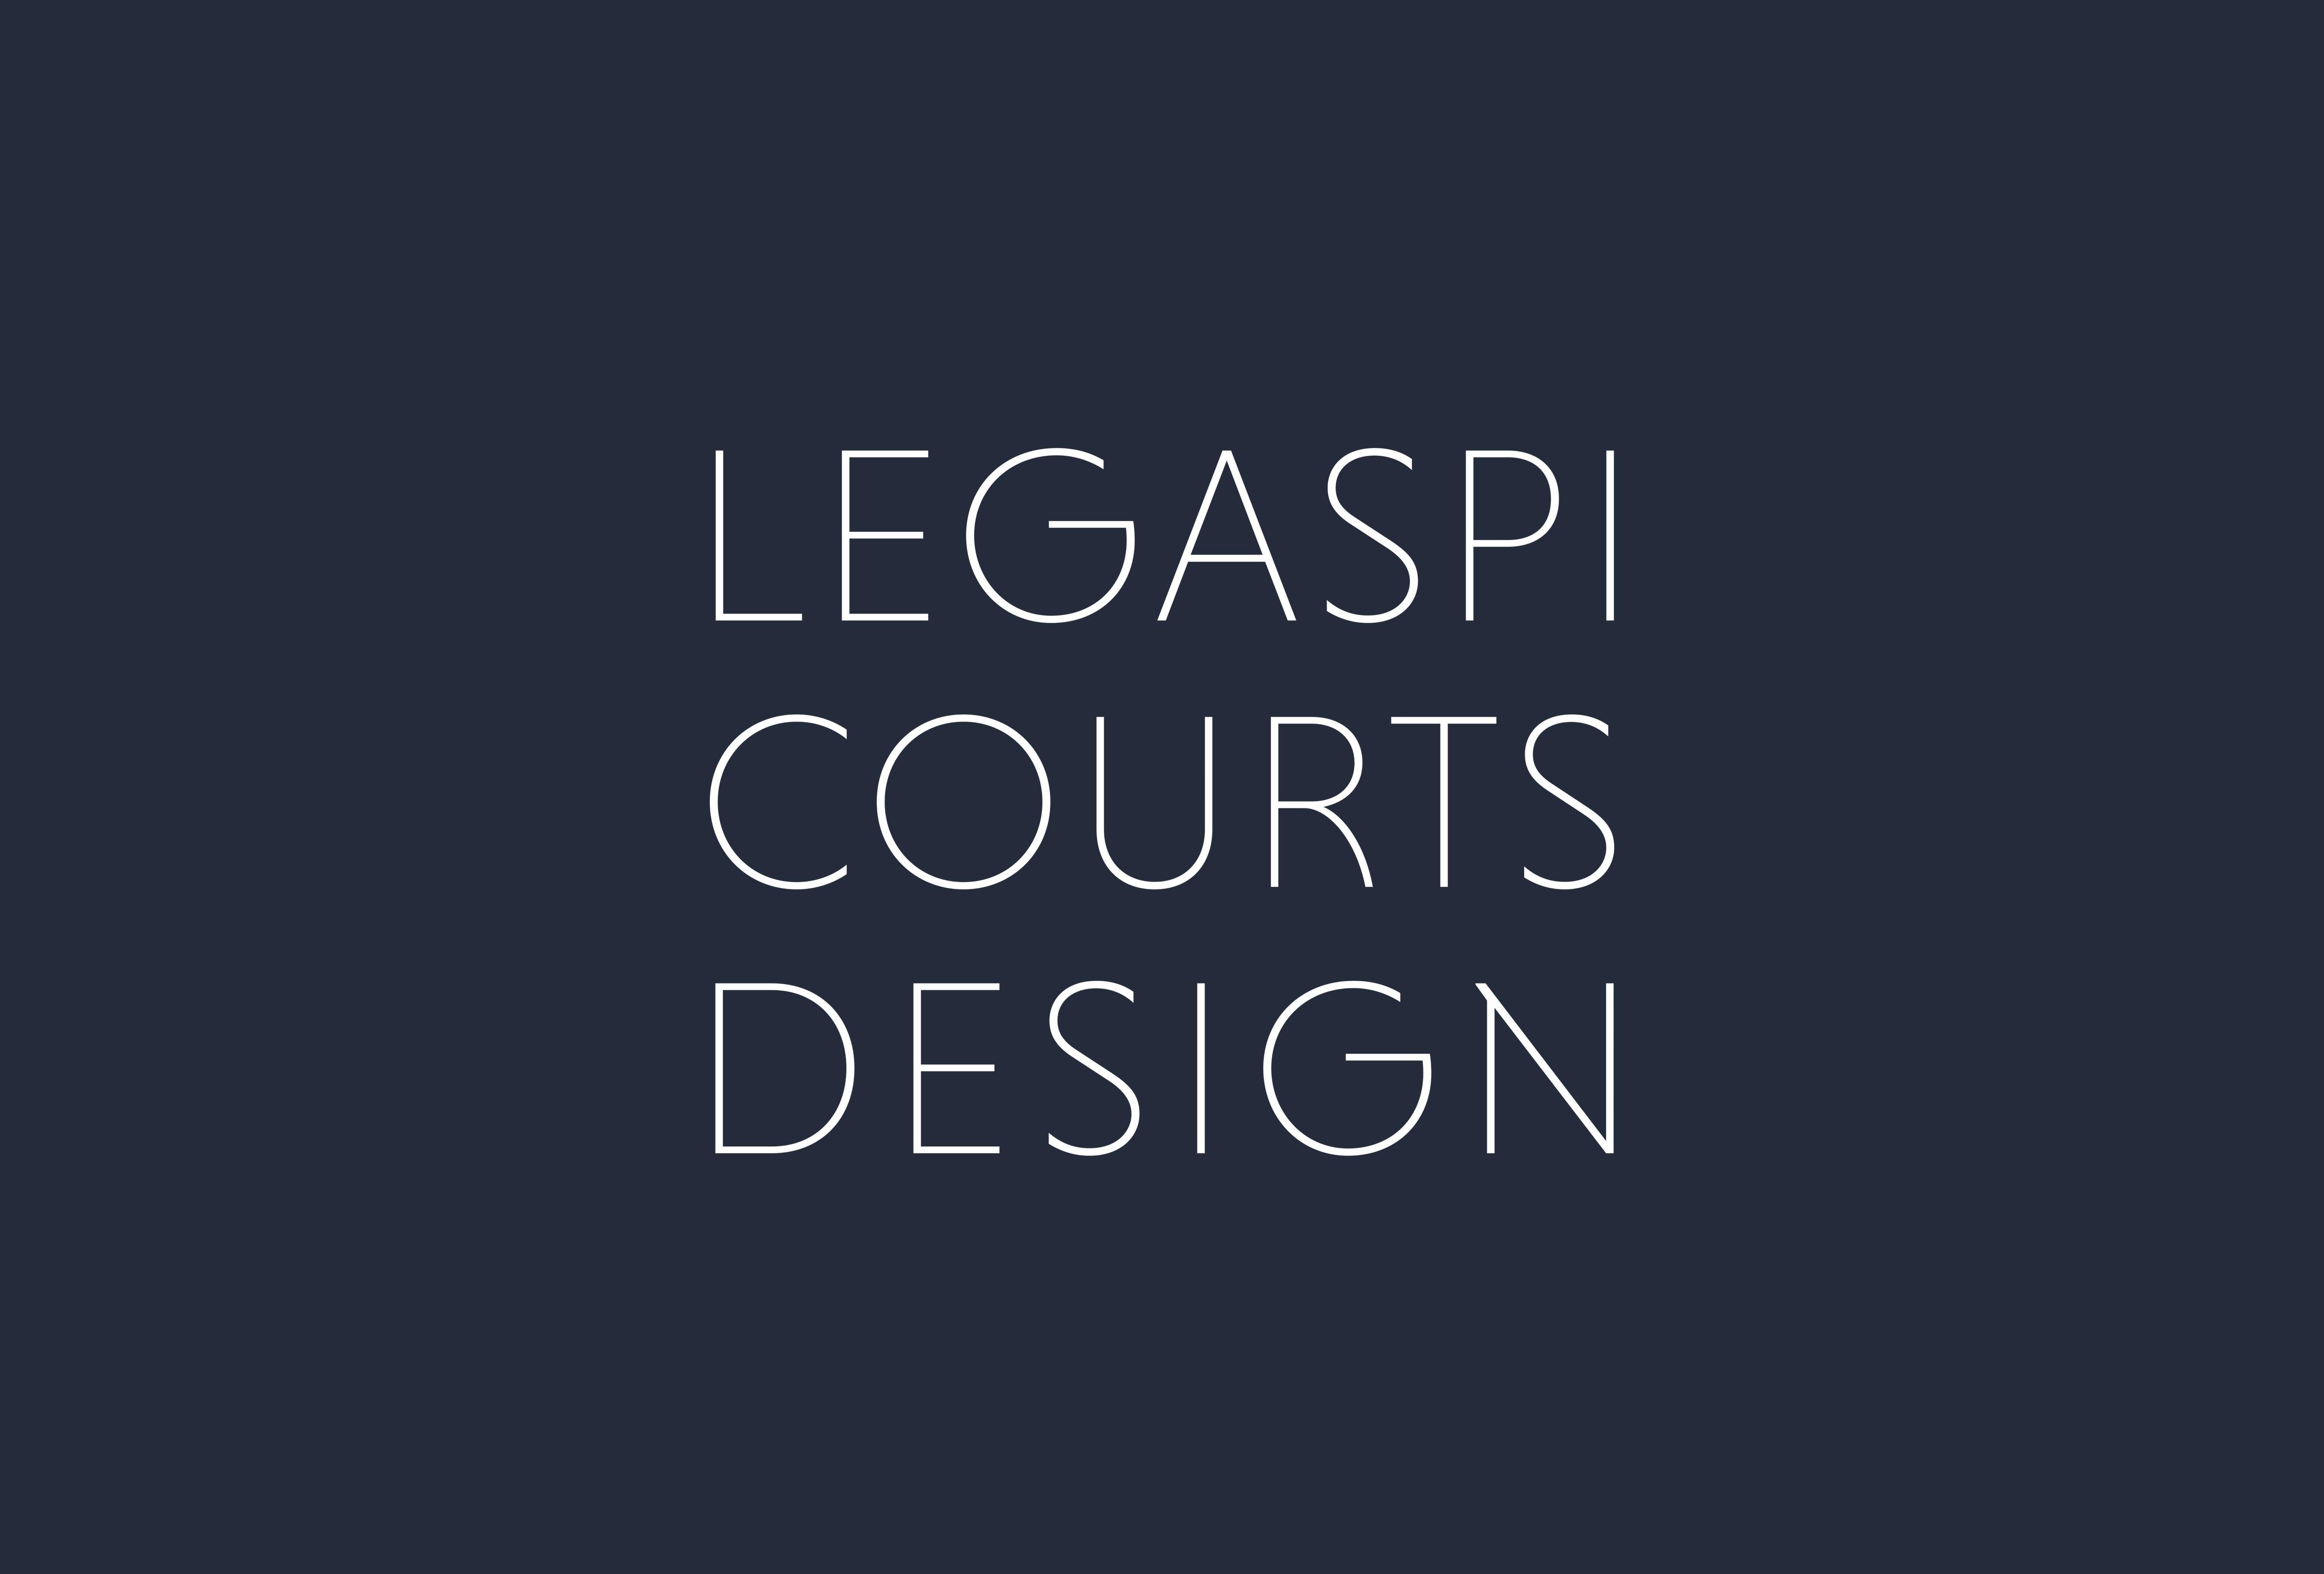 Legaspi Courts Design - Lovably